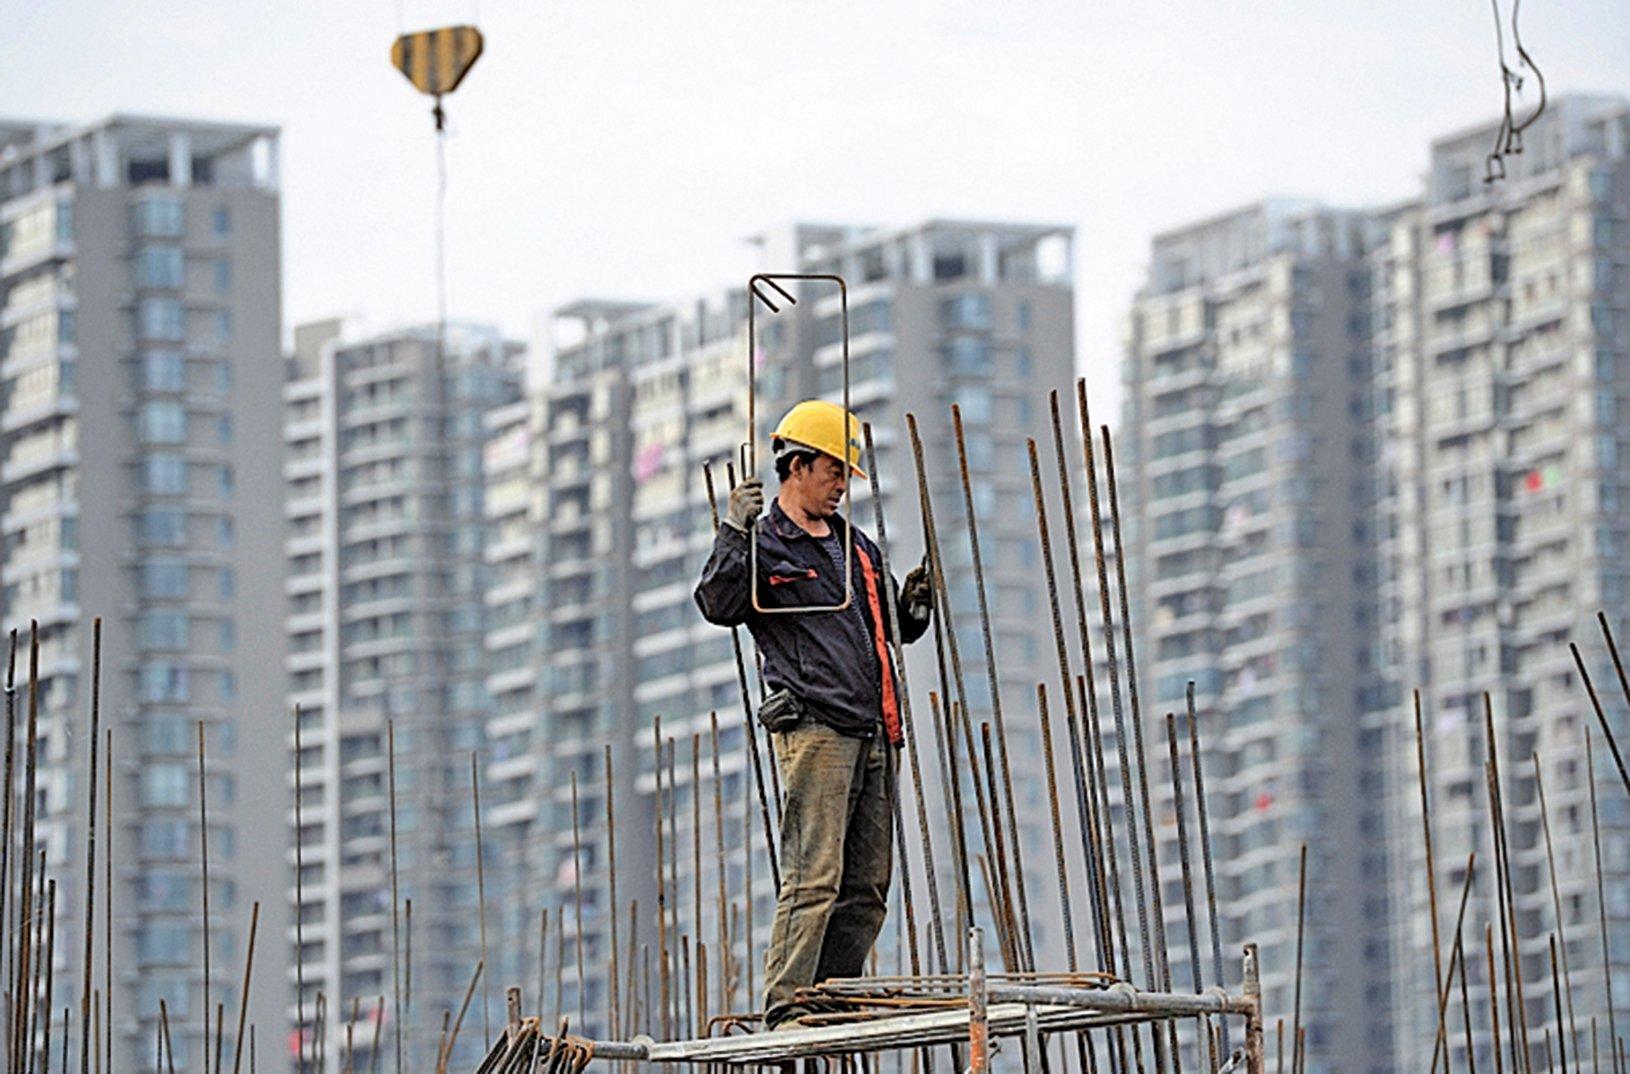 中國樓市被中共搾取了大半資金,同時也將中共因腐敗、低效、冗員所產生的巨大債務,通過高樓價轉移給了買樓的中國人。 (Getty Images)